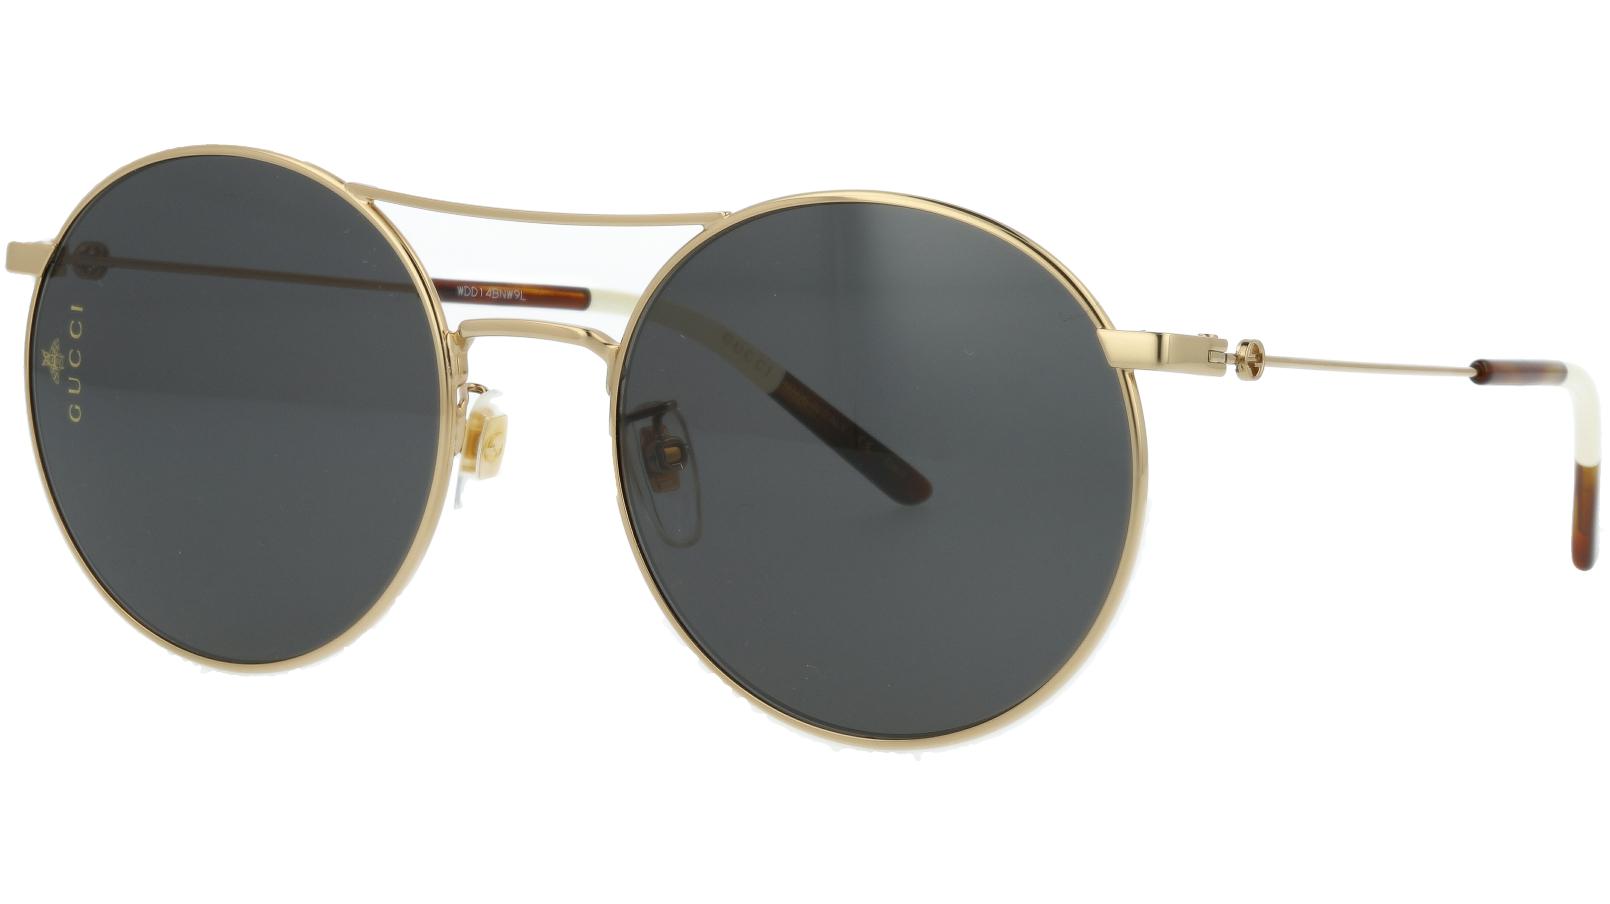 Gucci GG0680S 001 56 Gold Round Sunglasses